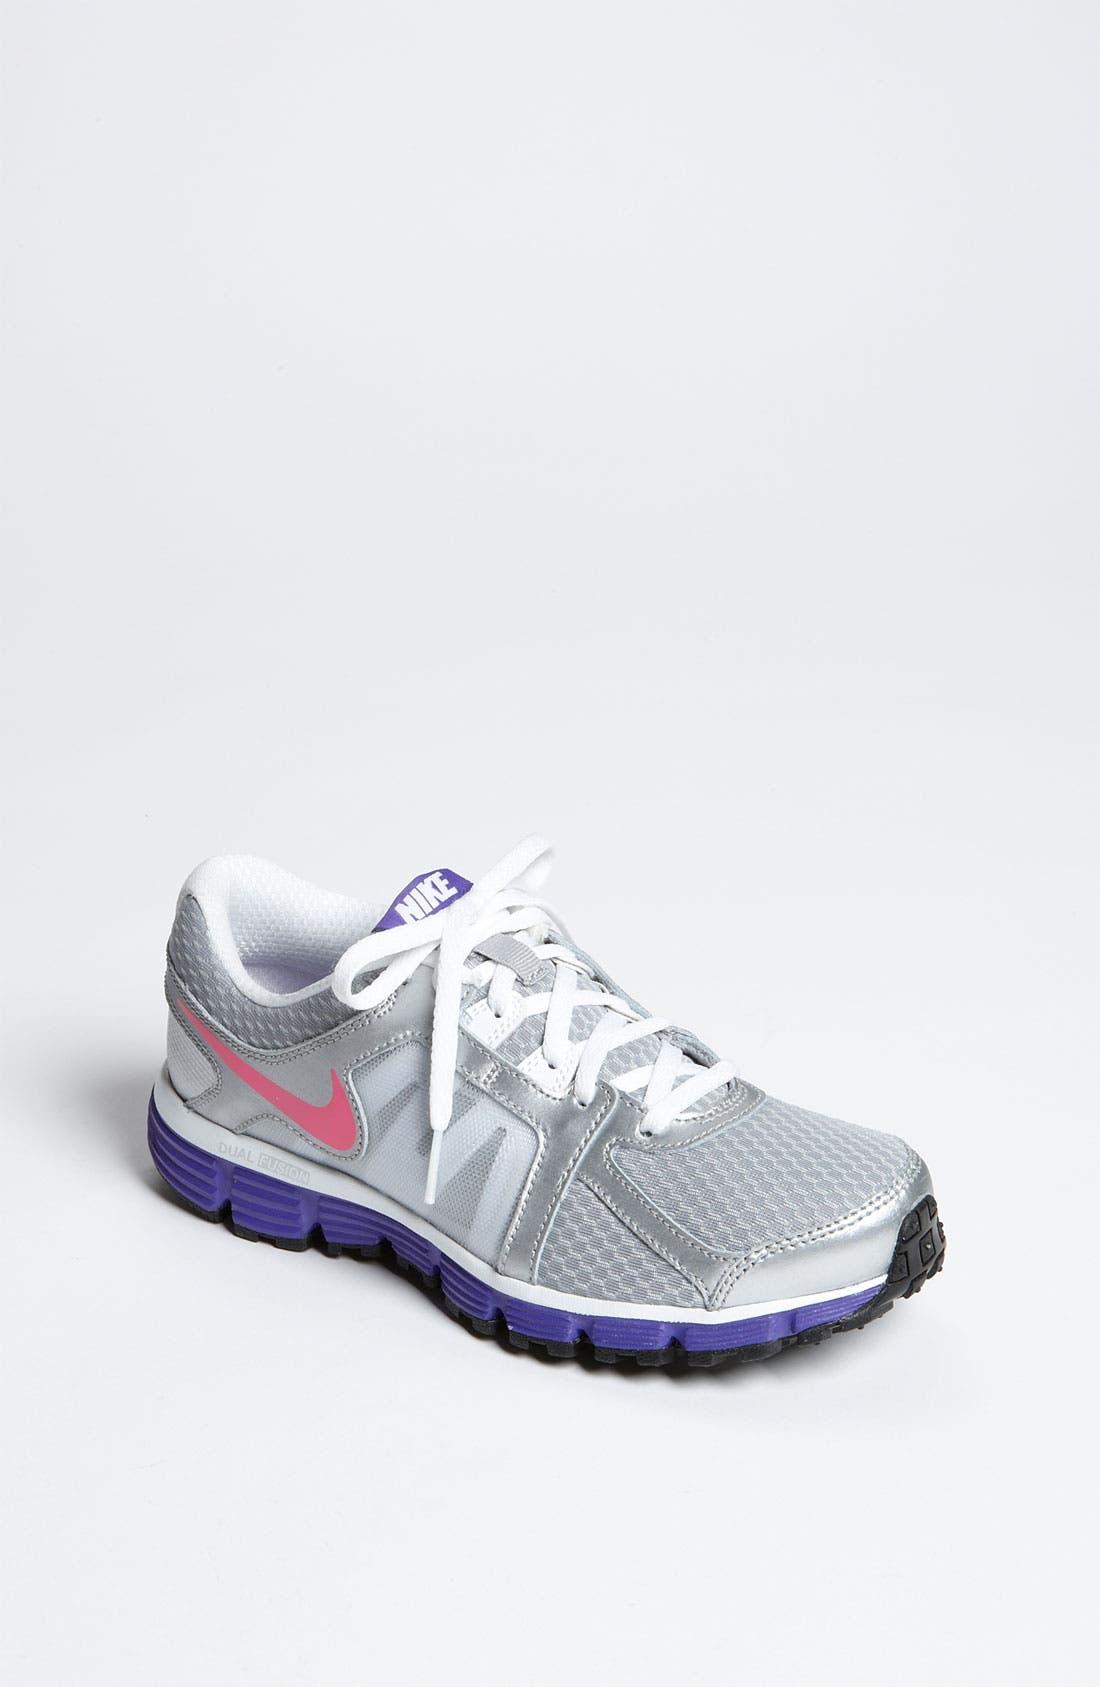 Main Image - Nike 'Dual Fusion ST 2' Running Shoe (Toddler, Little Kid & Big Kid)